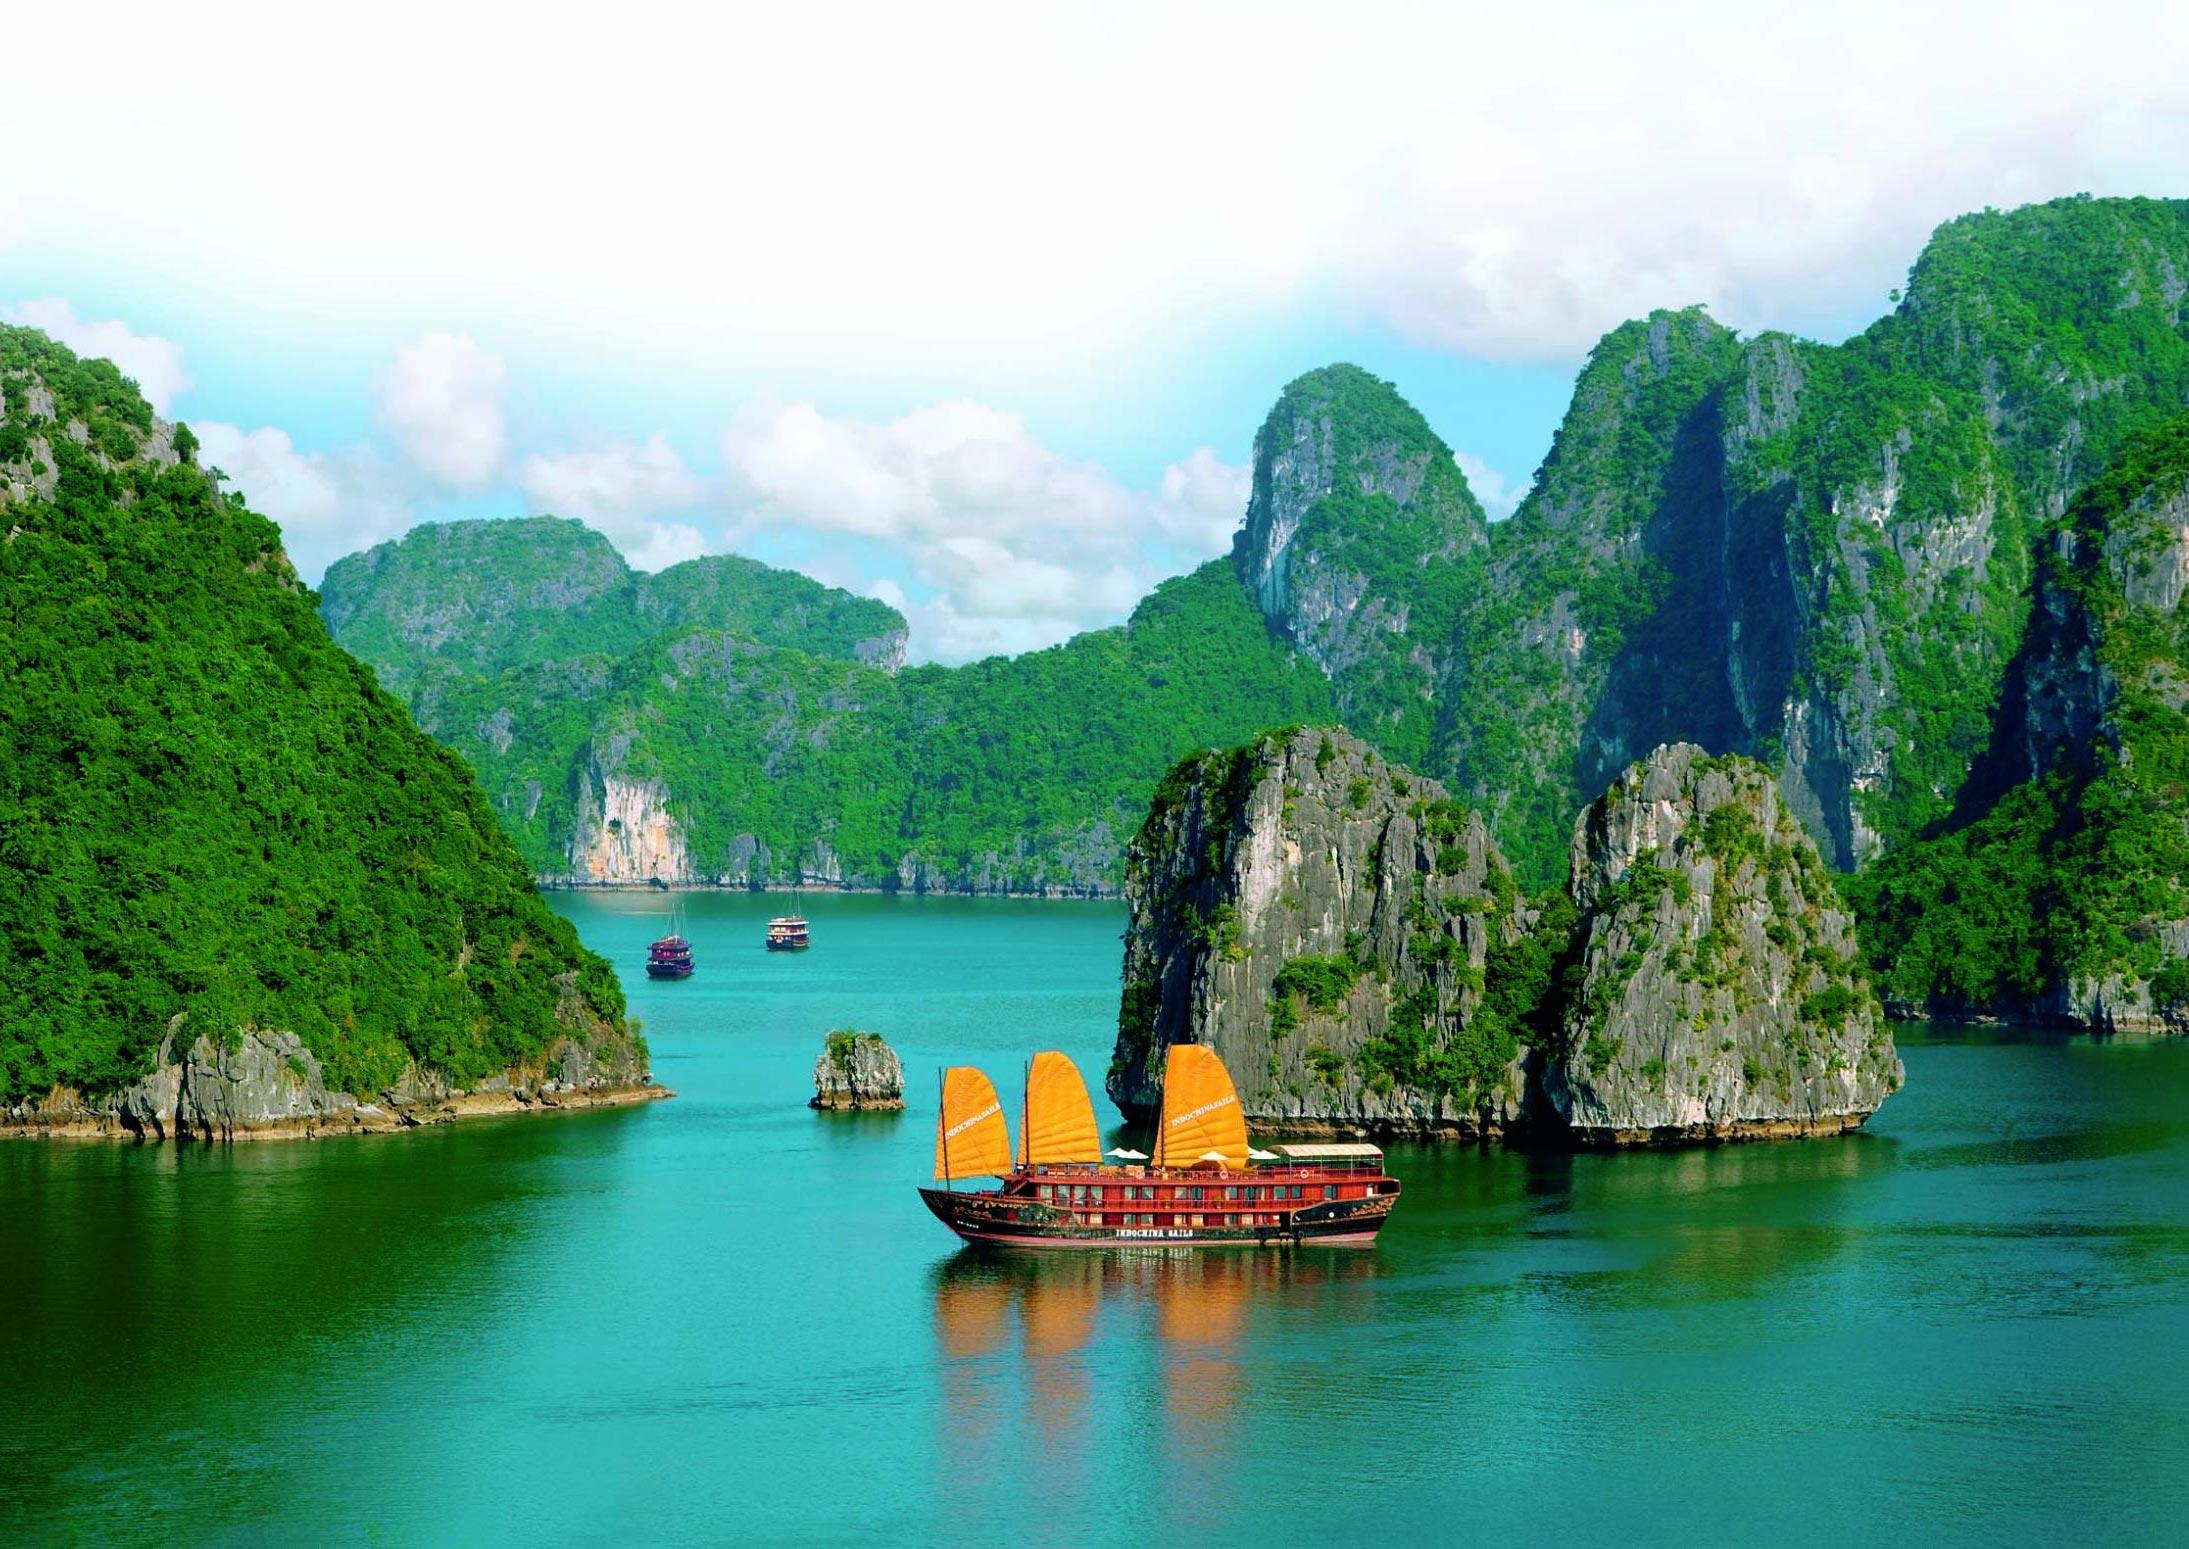 отдых и экскусионные туры во вьетнам